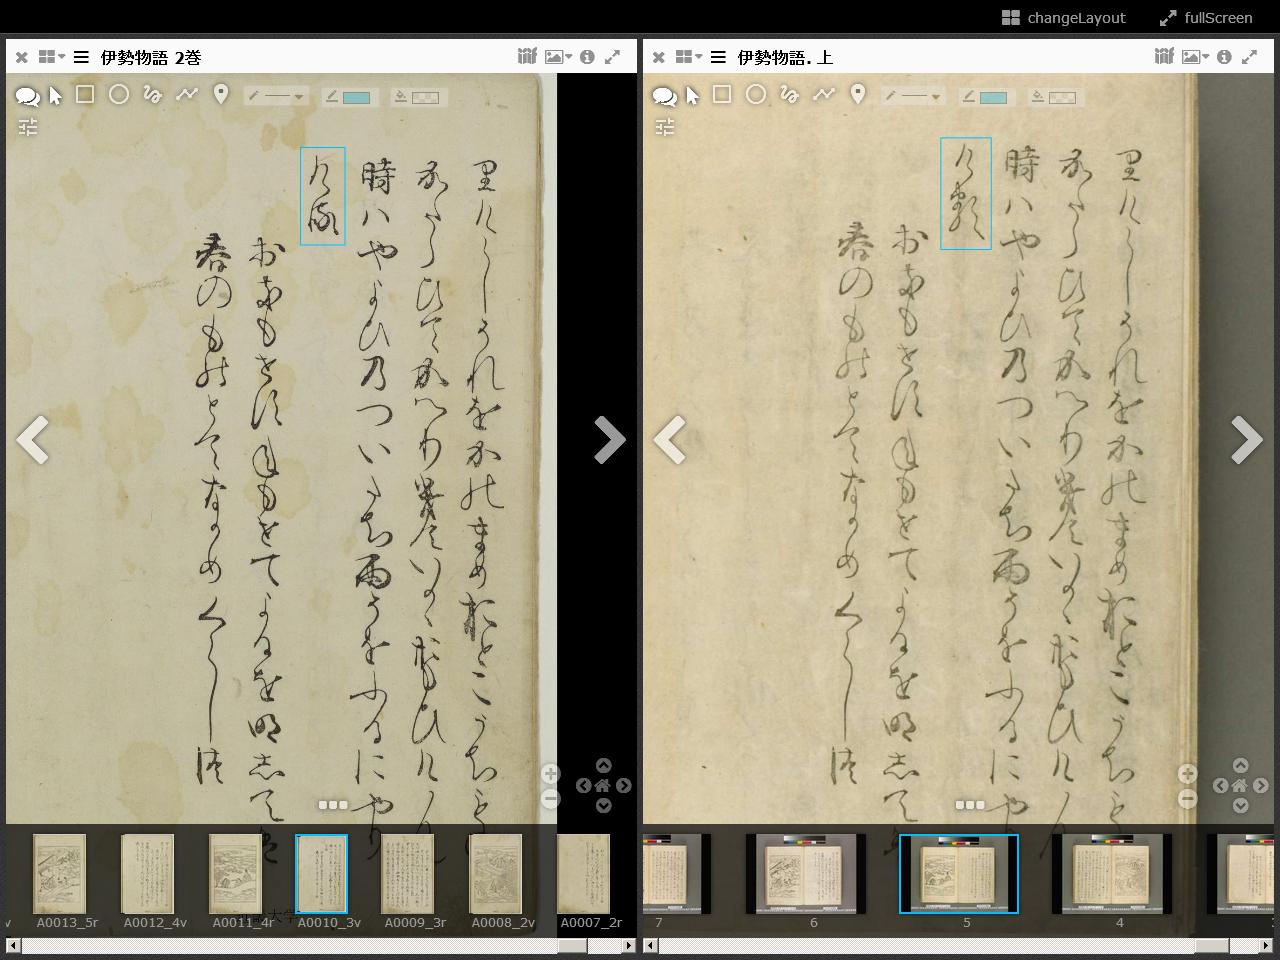 嵯峨本『伊勢物語』第一種本の比較